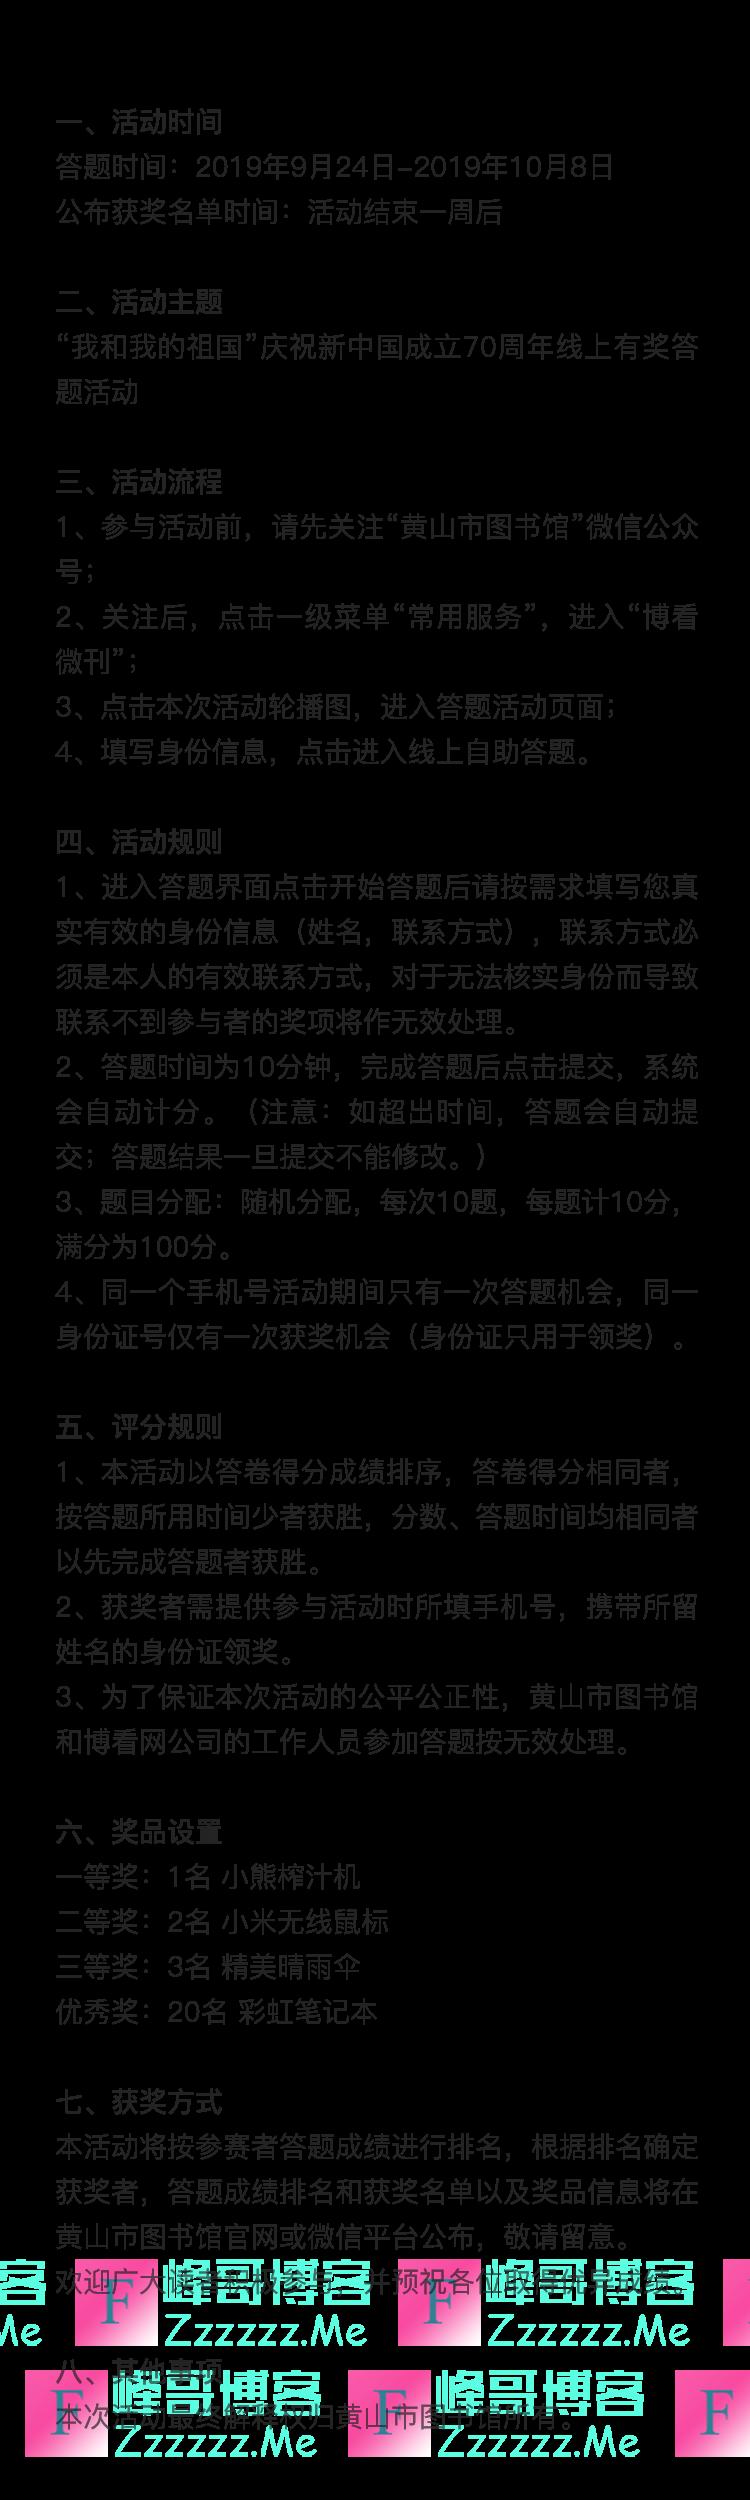 黄山市图书馆黄山市图书馆庆祝新中国成立70周年线上答题活动(10月8日截止)